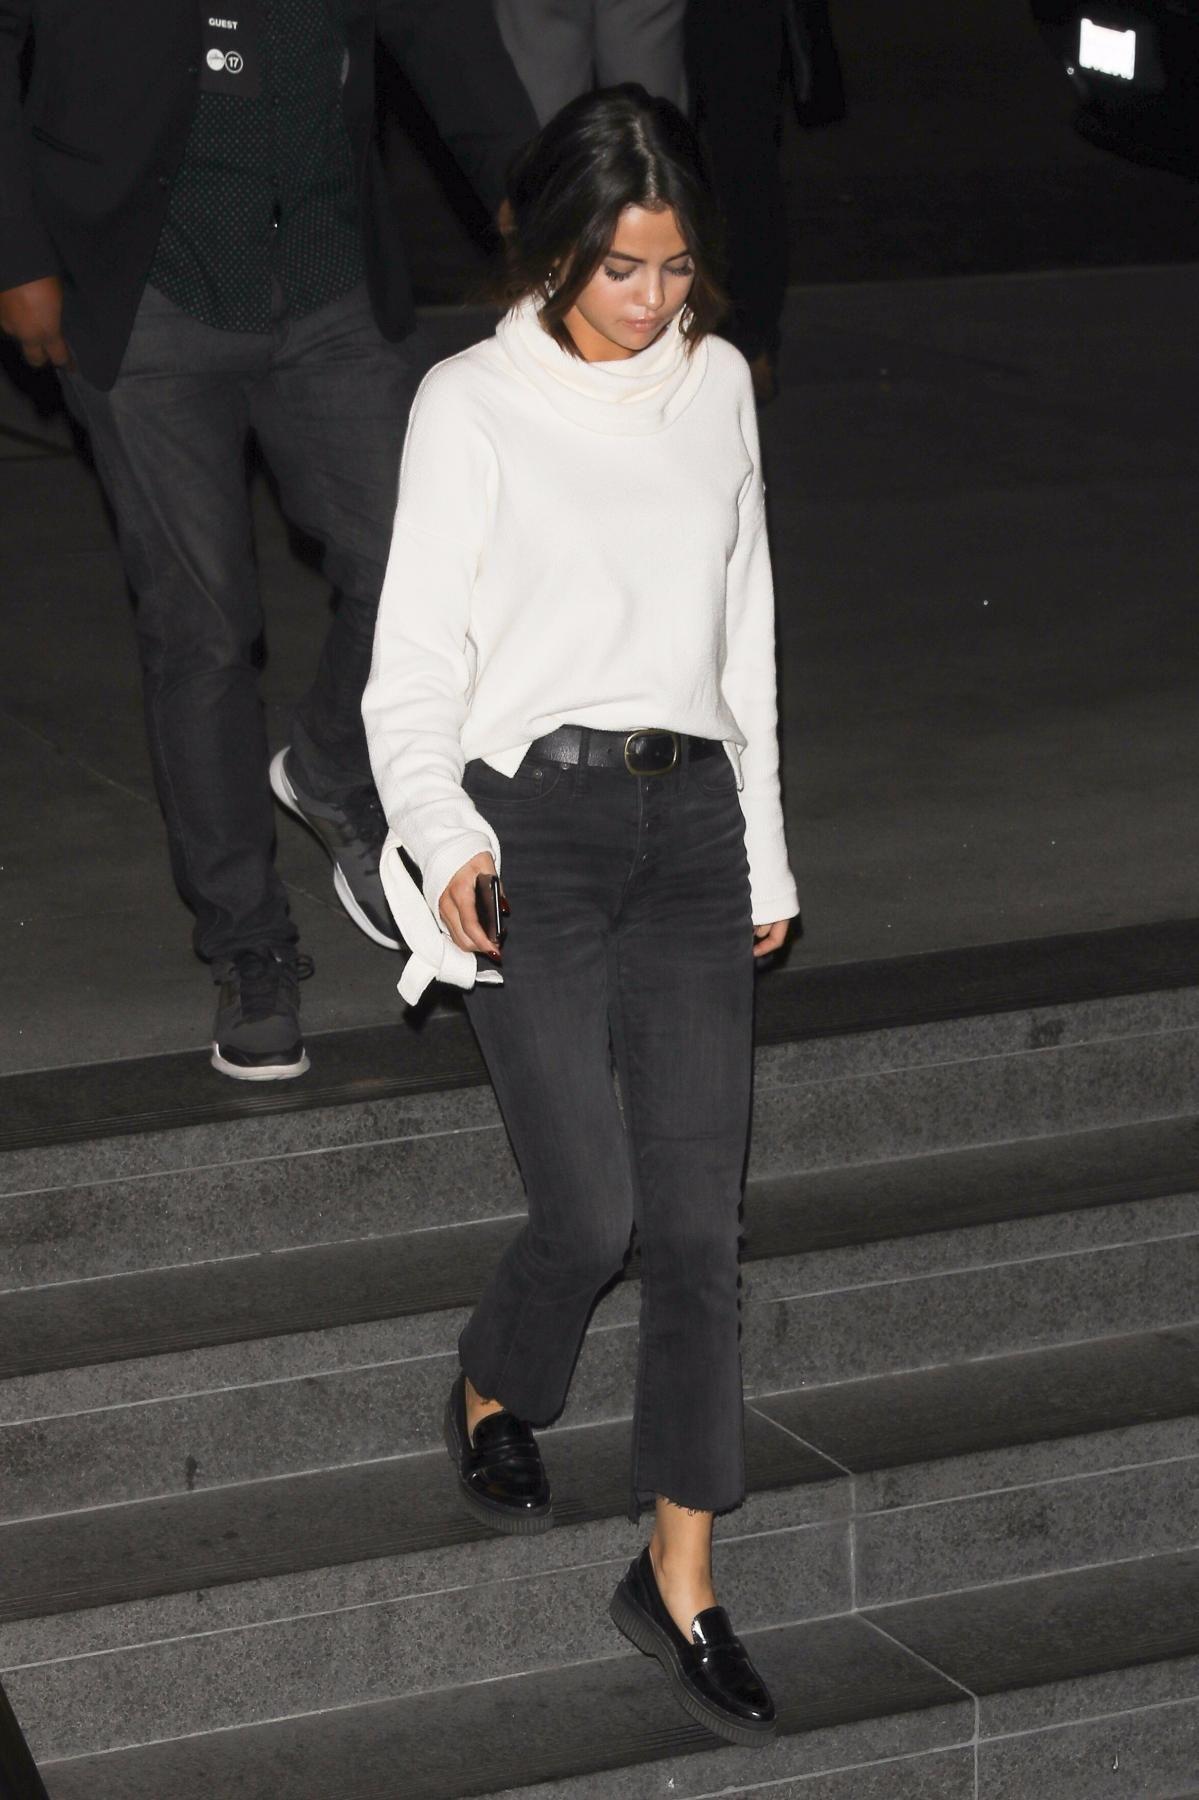 0bbc5f5e2ab2 Selena Gomez wearing Madewell Tie-Cuff Pullover Sweater in Antique Cream